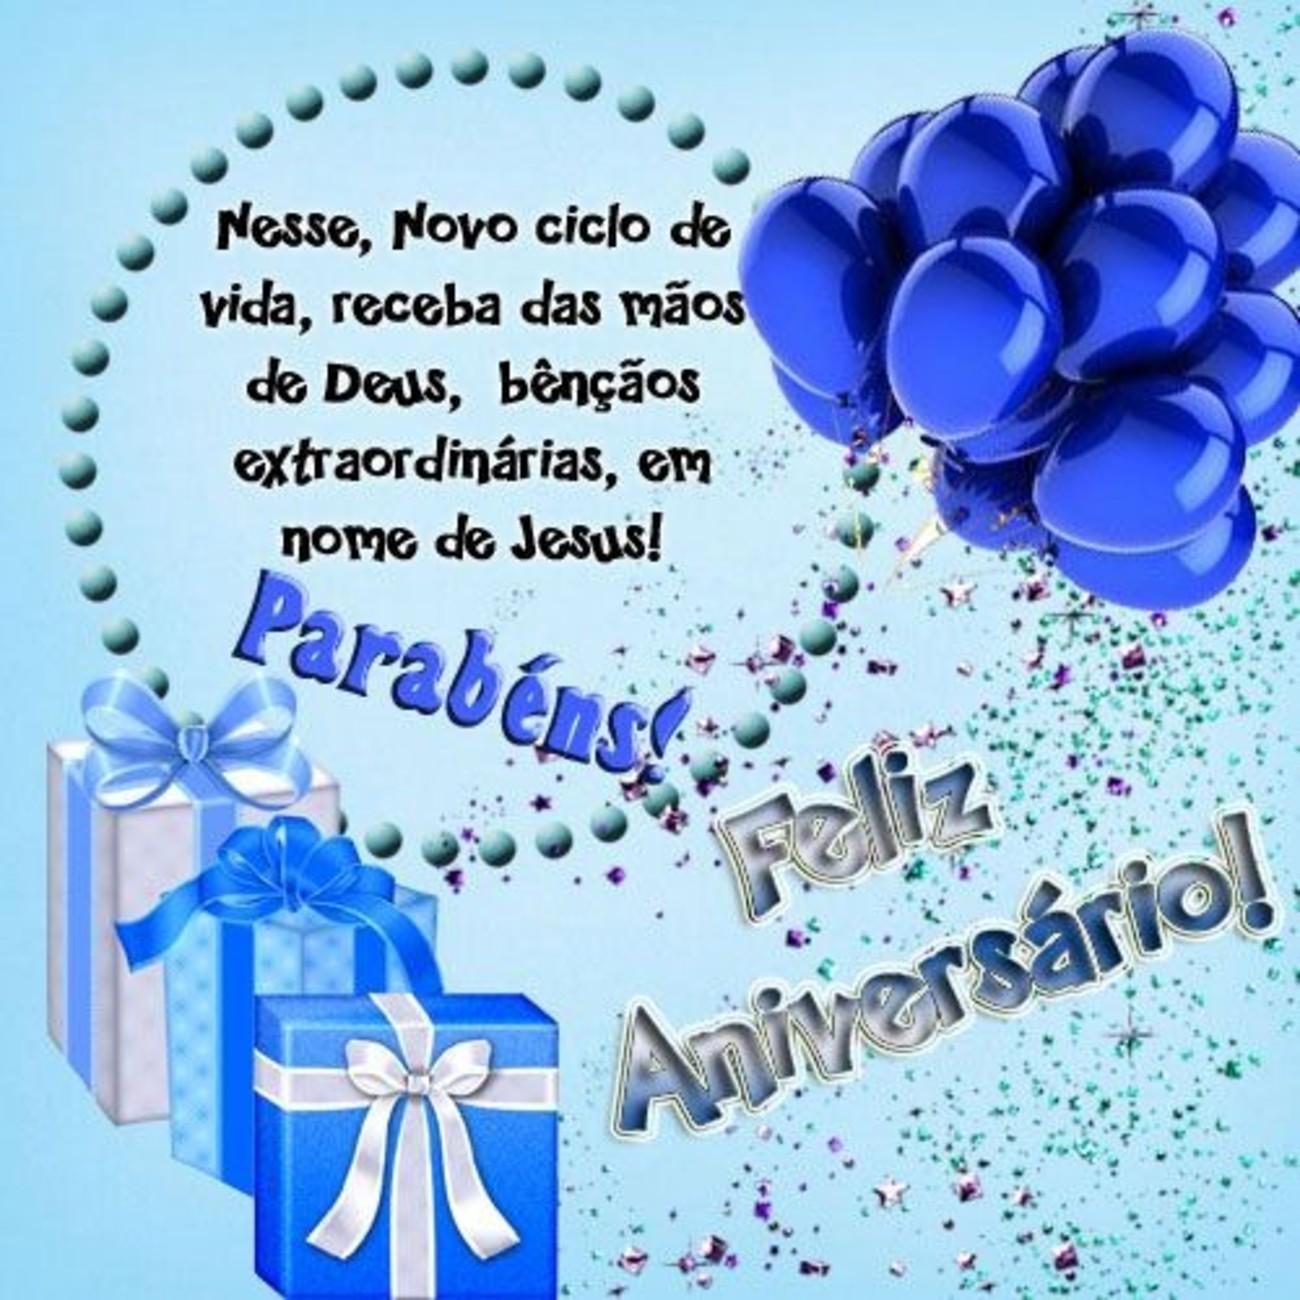 Imagen de Feliz Aniversario para Facebook e Whatsapp Grupo Belas 80